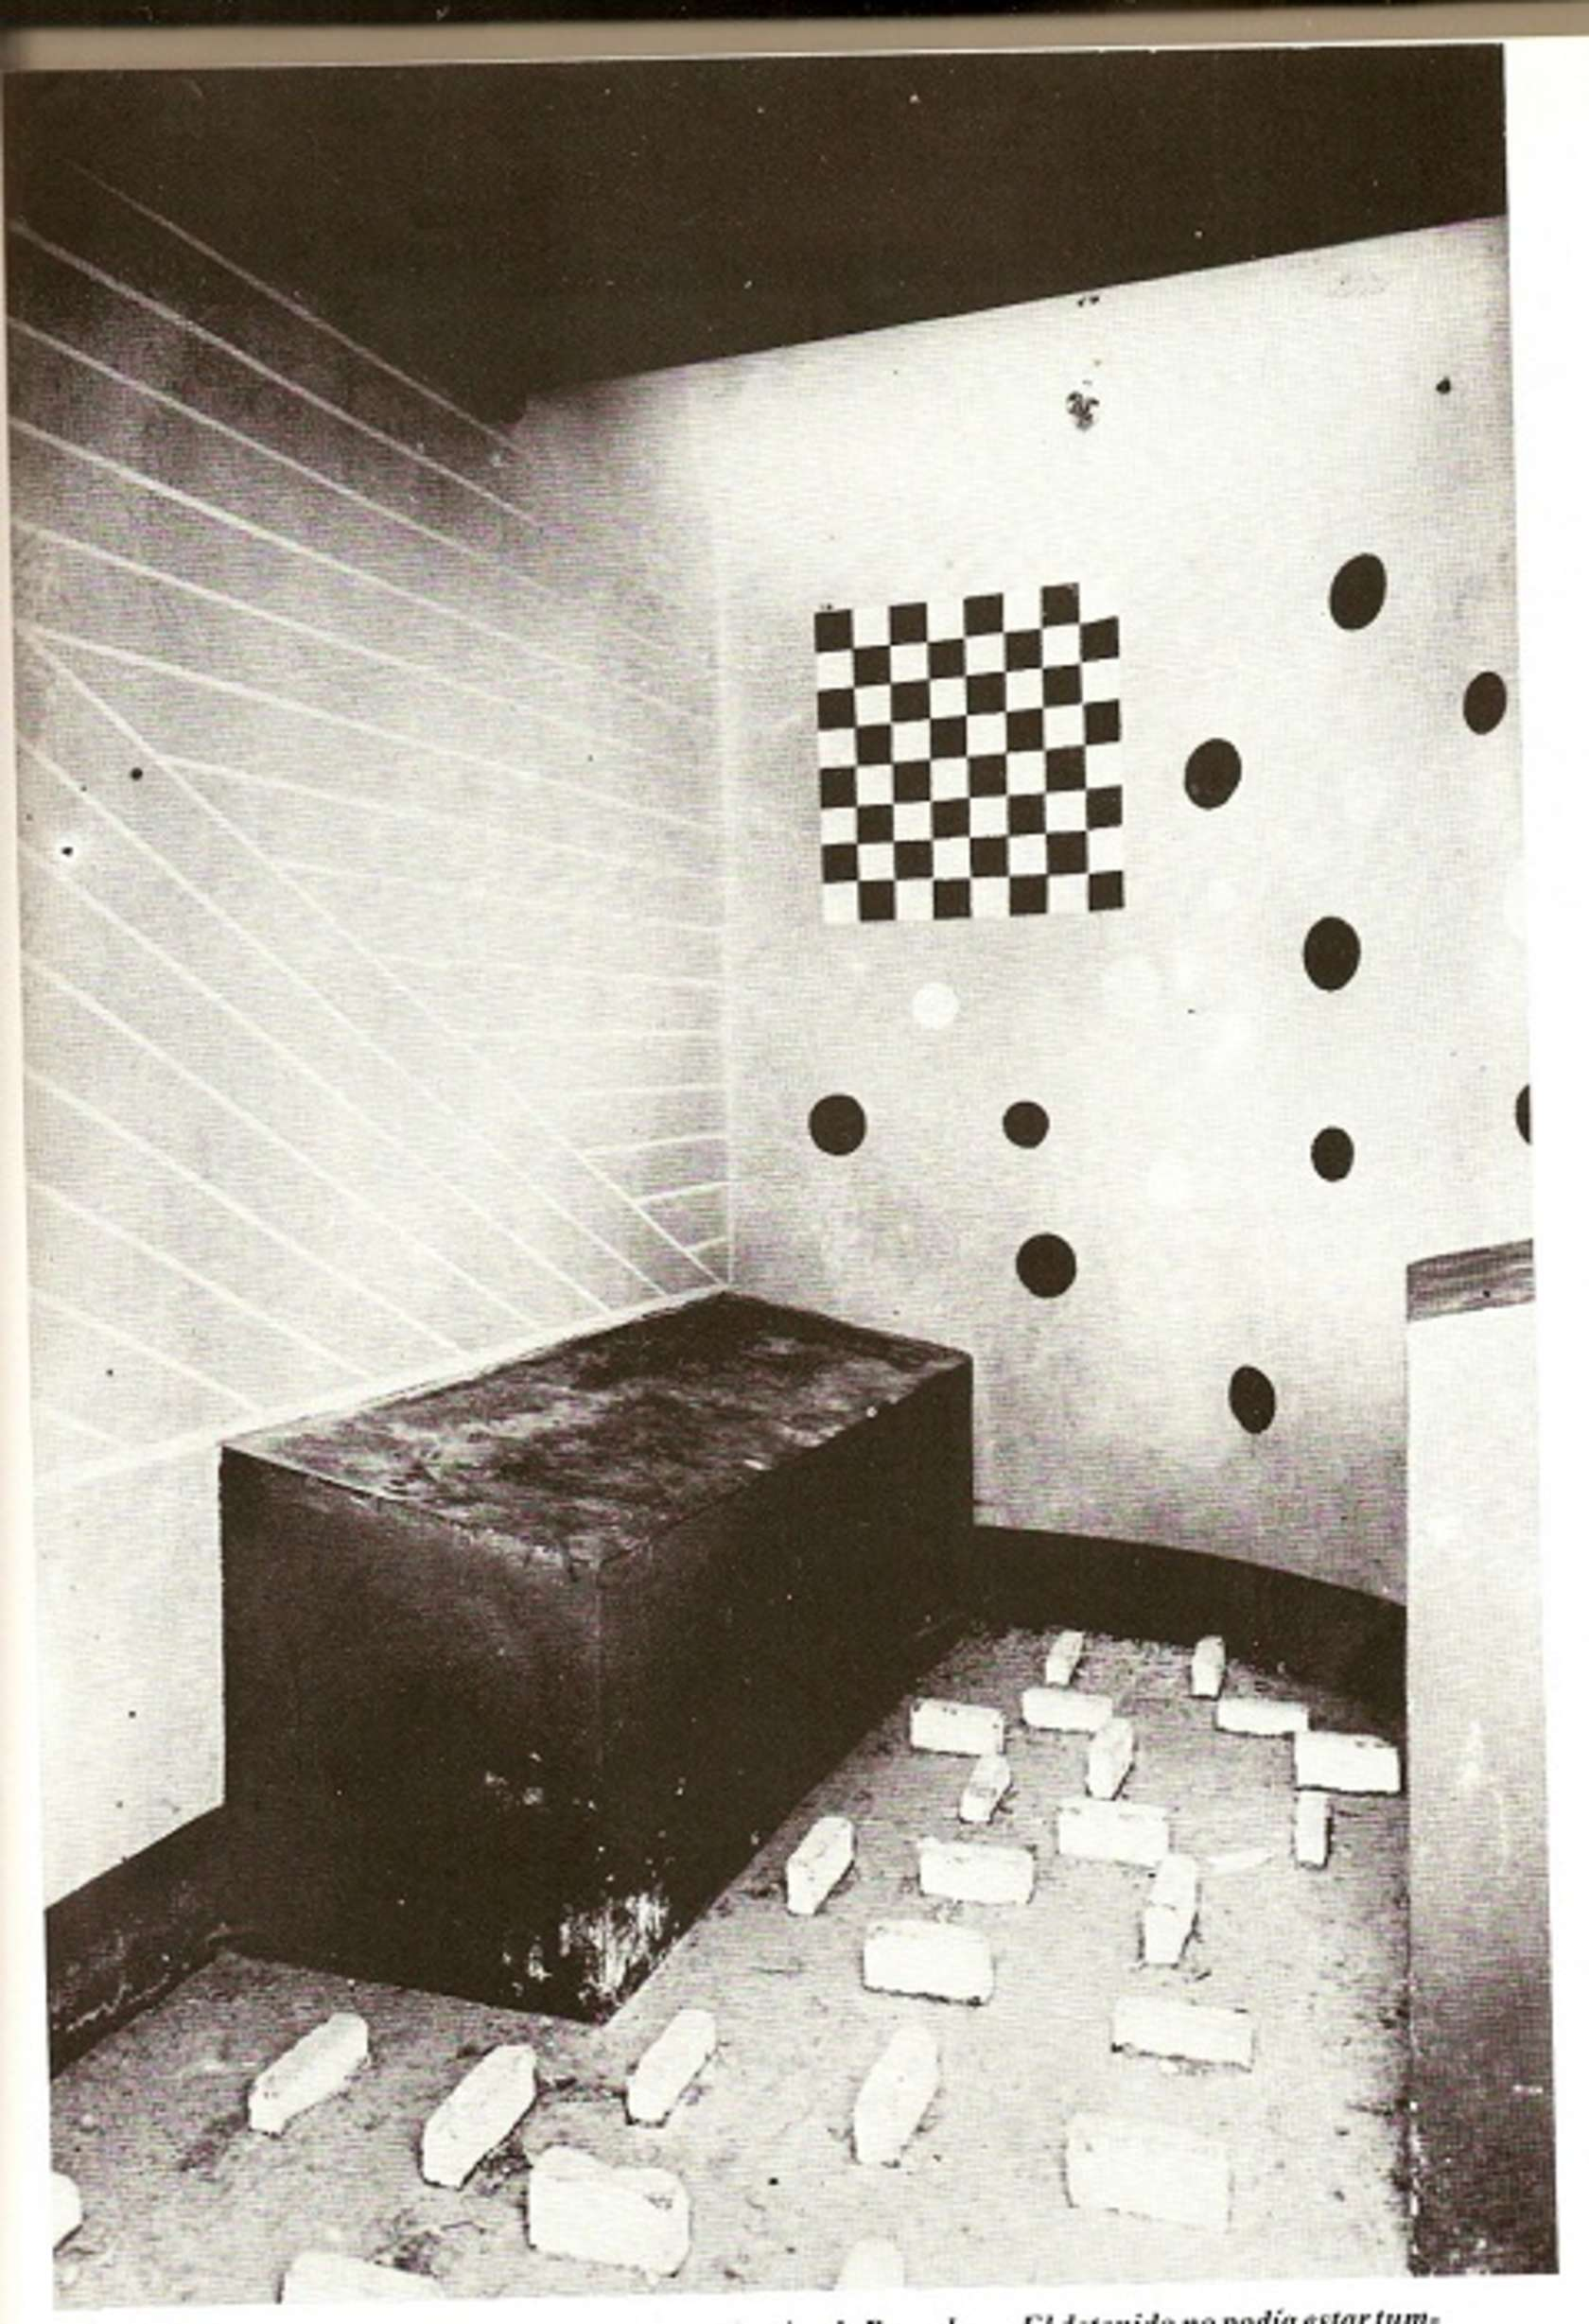 یکی از سلولهای بازسازی شدهی زندان با استفاده از اعترافات لارنسیس؛ تصویر: Open Culture